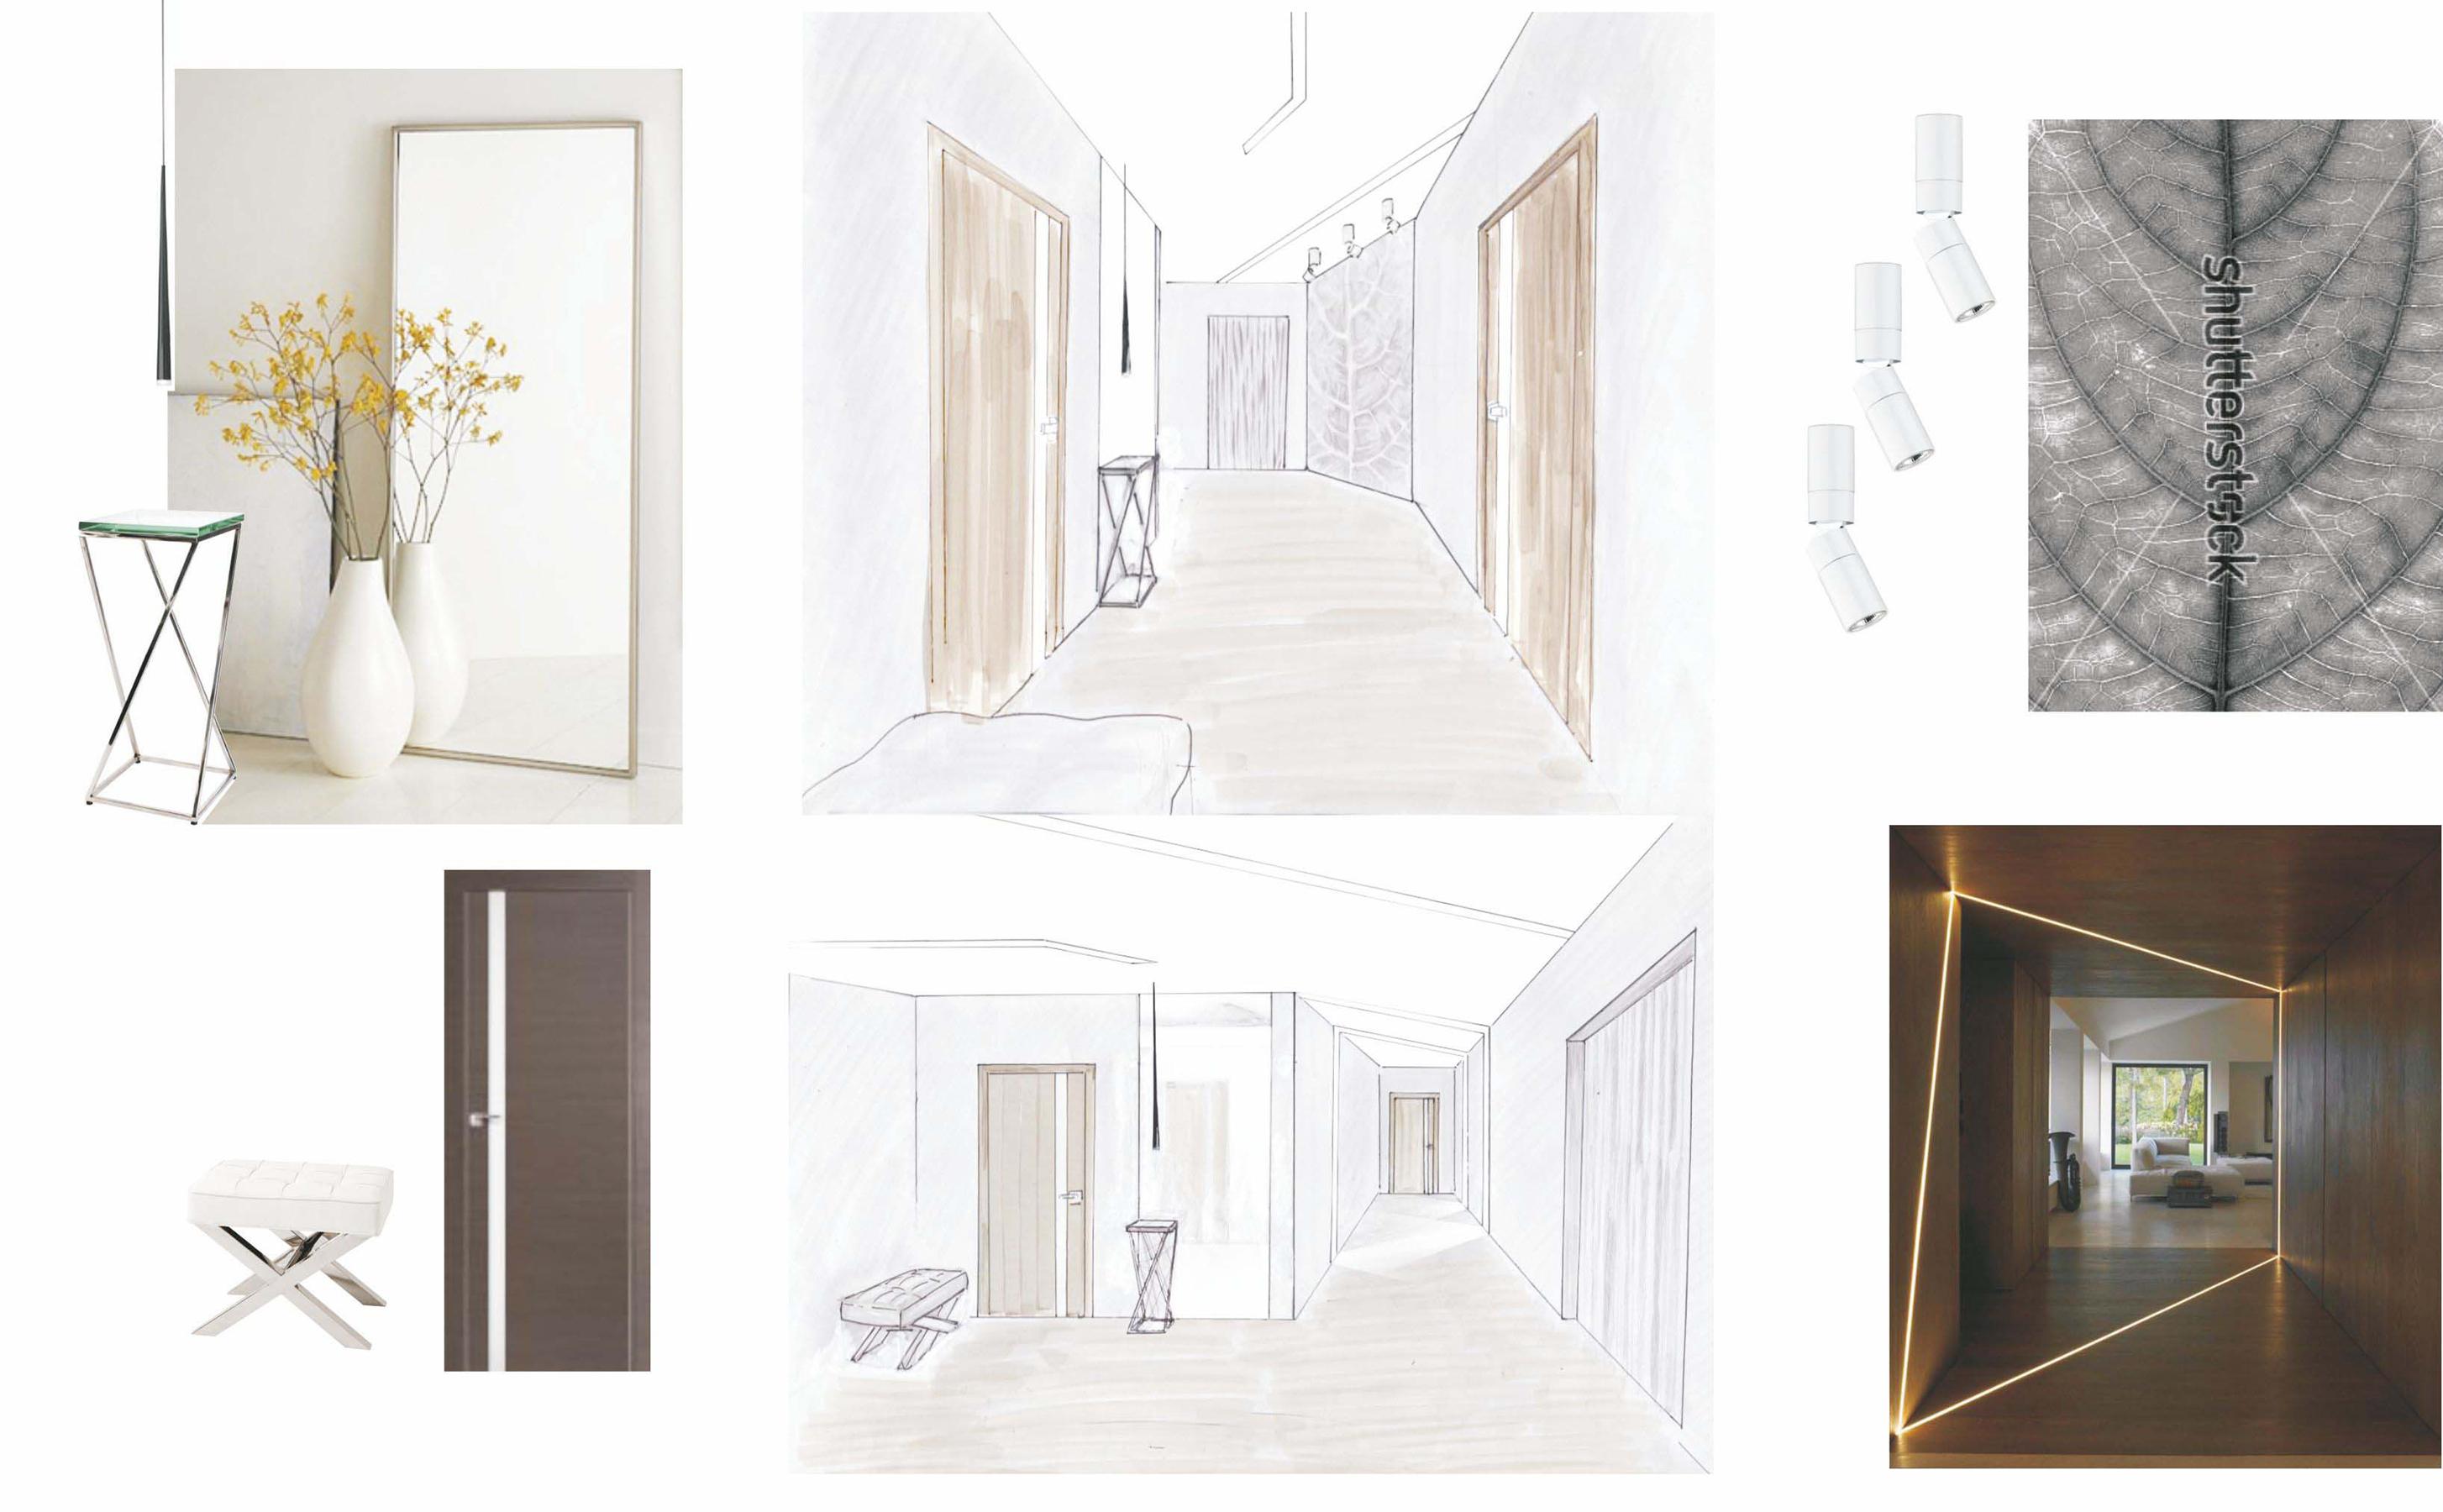 Освещение - главная тема в дизайне интерьера этой квартиры